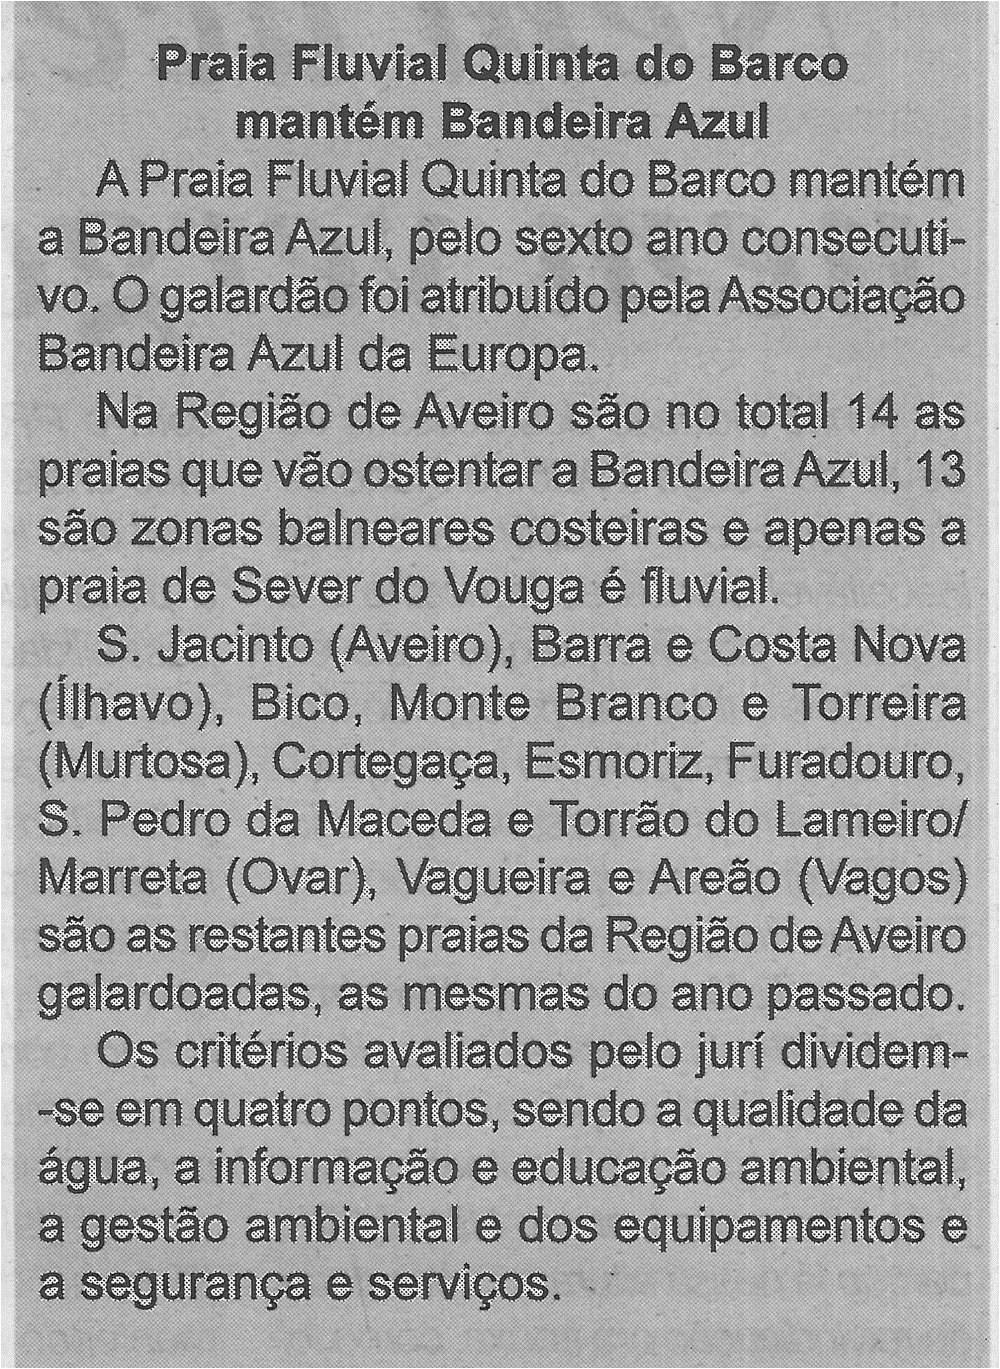 BV-1.ªmaio'21-p.6-Praia Fluvial Quinta do Barco mantém Bandeira Azul.jpg